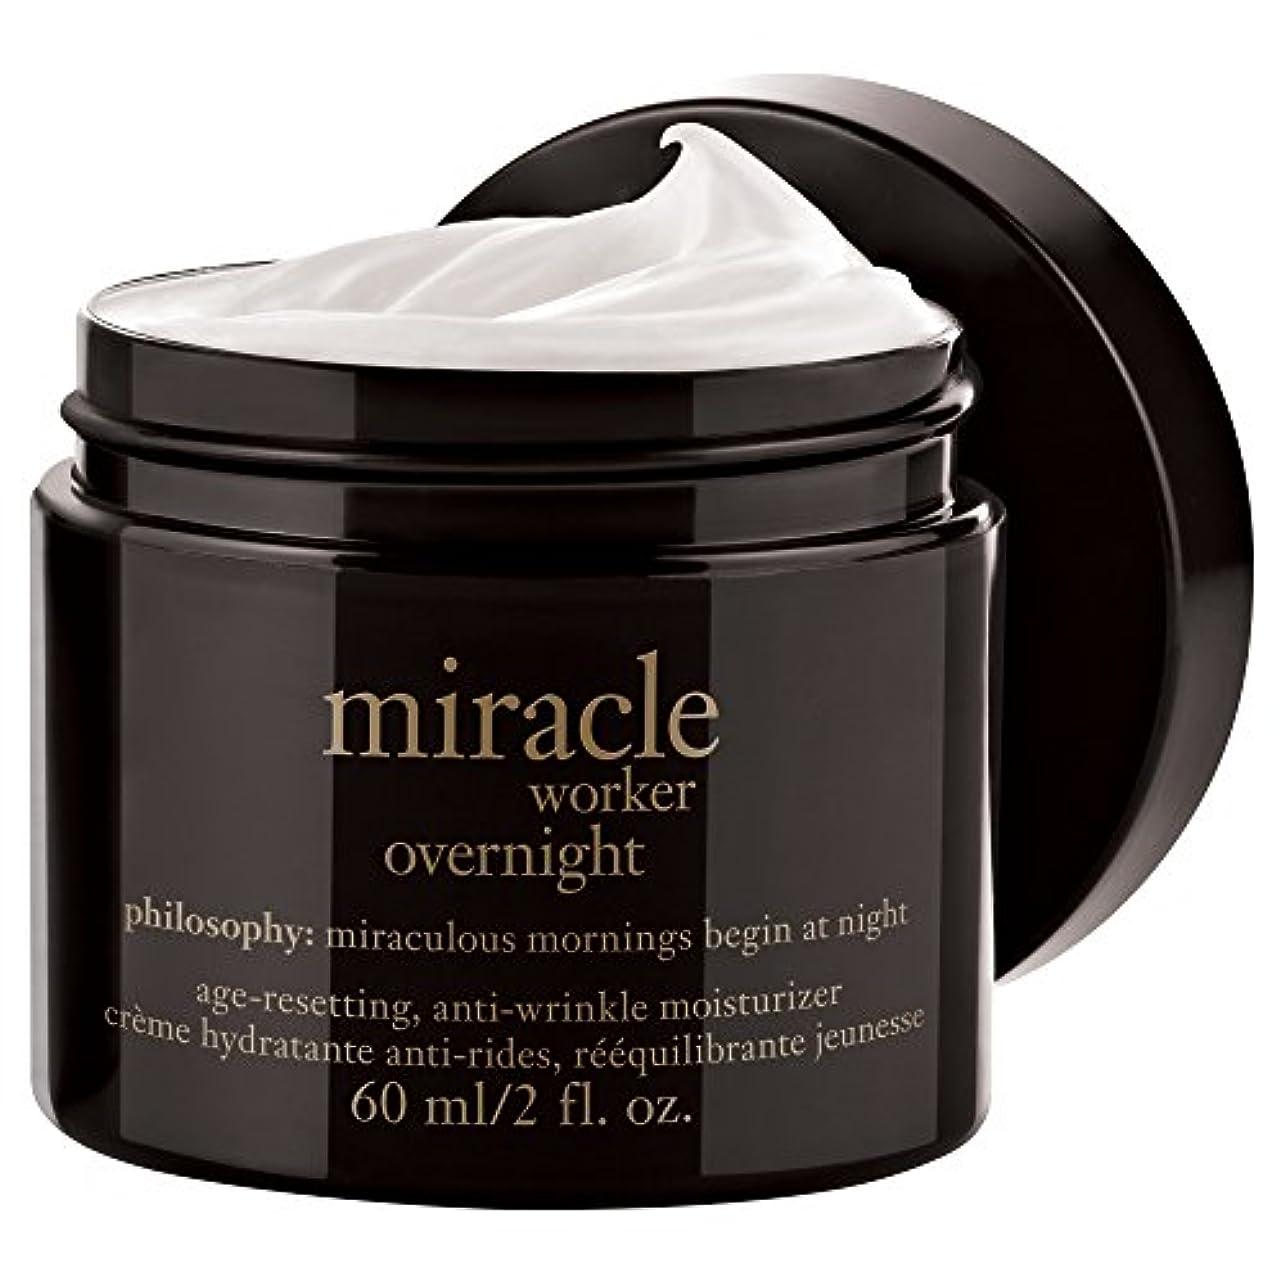 哲学の奇跡の労働者一晩保湿60ミリリットル (Philosophy) (x6) - Philosophy Miracle Worker Overnight Moisturiser 60ml (Pack of 6) [並行輸入品]